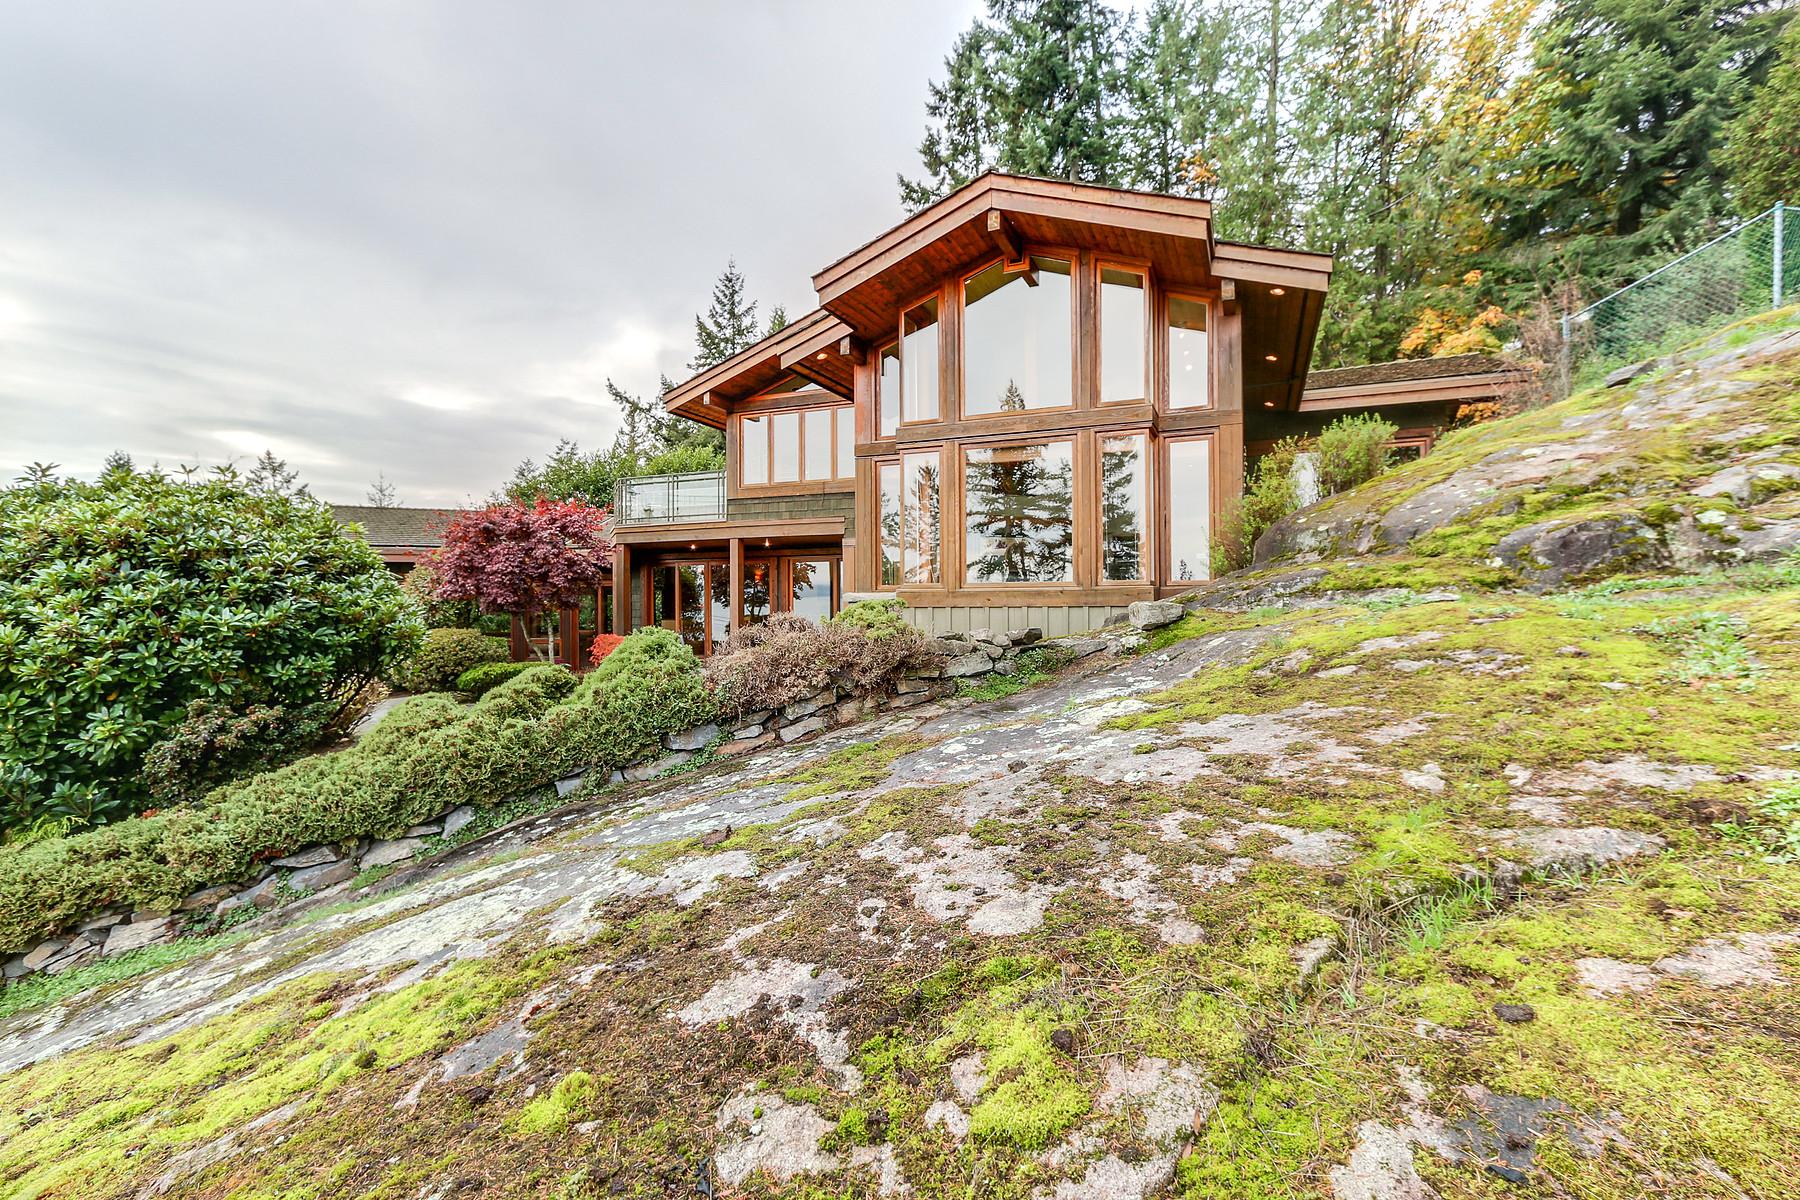 단독 가정 주택 용 매매 에 West Vancouver, Greater Vancouver 3865 Marine Drive West Vancouver, 브리티시 컬럼비아주 V7V 1N3 캐나다